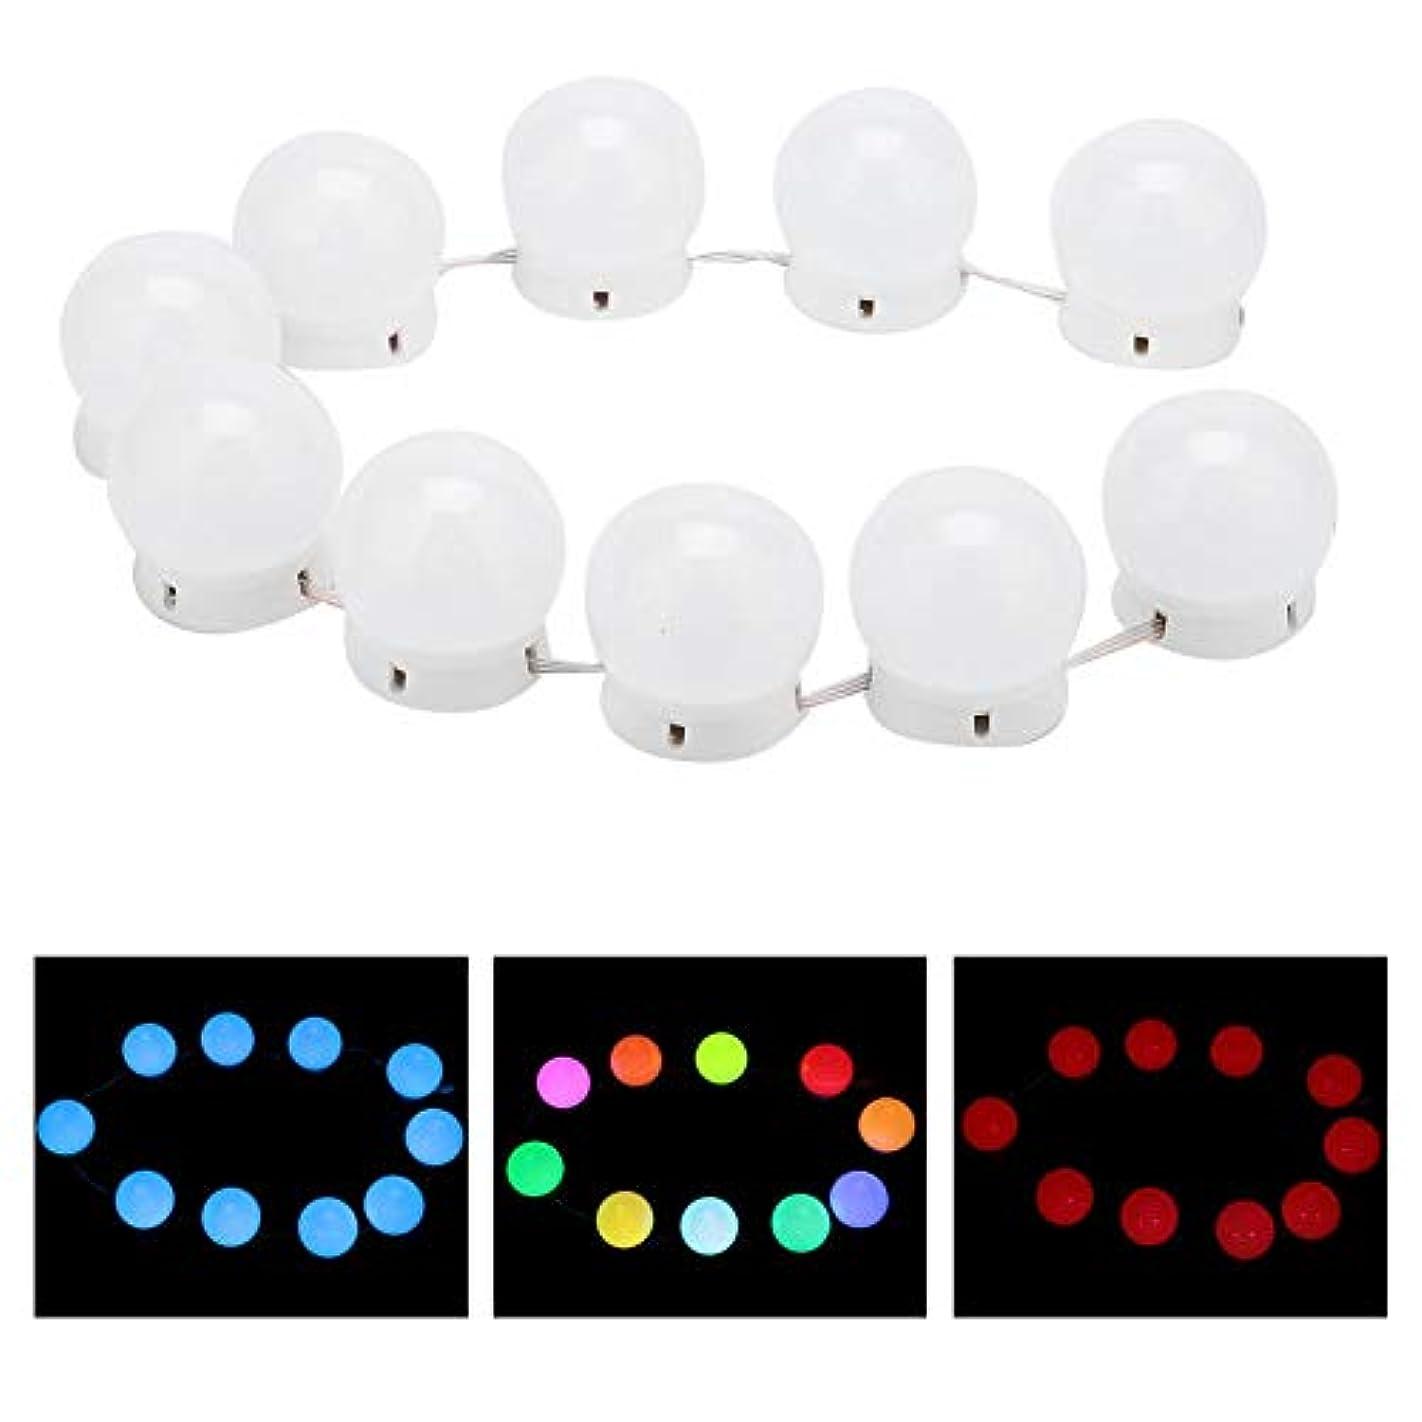 アグネスグレイ試す助言する化粧鏡ラ??イトキット 10 LED付き調 光ライトストリング電球バニティライト化粧鏡に最適 バスルームの照明